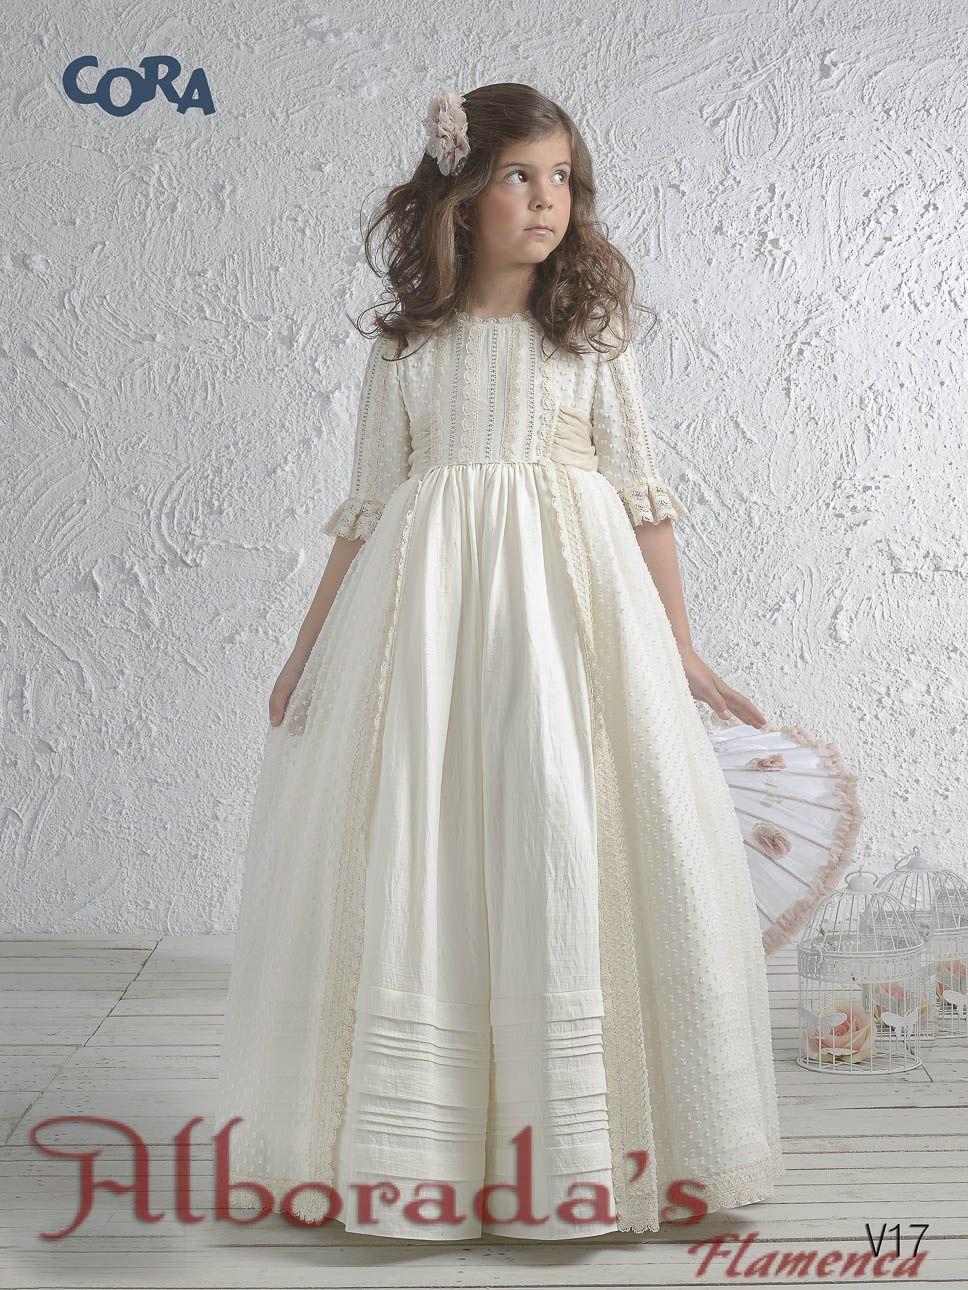 Vestidos de comunion cora 2019 precios